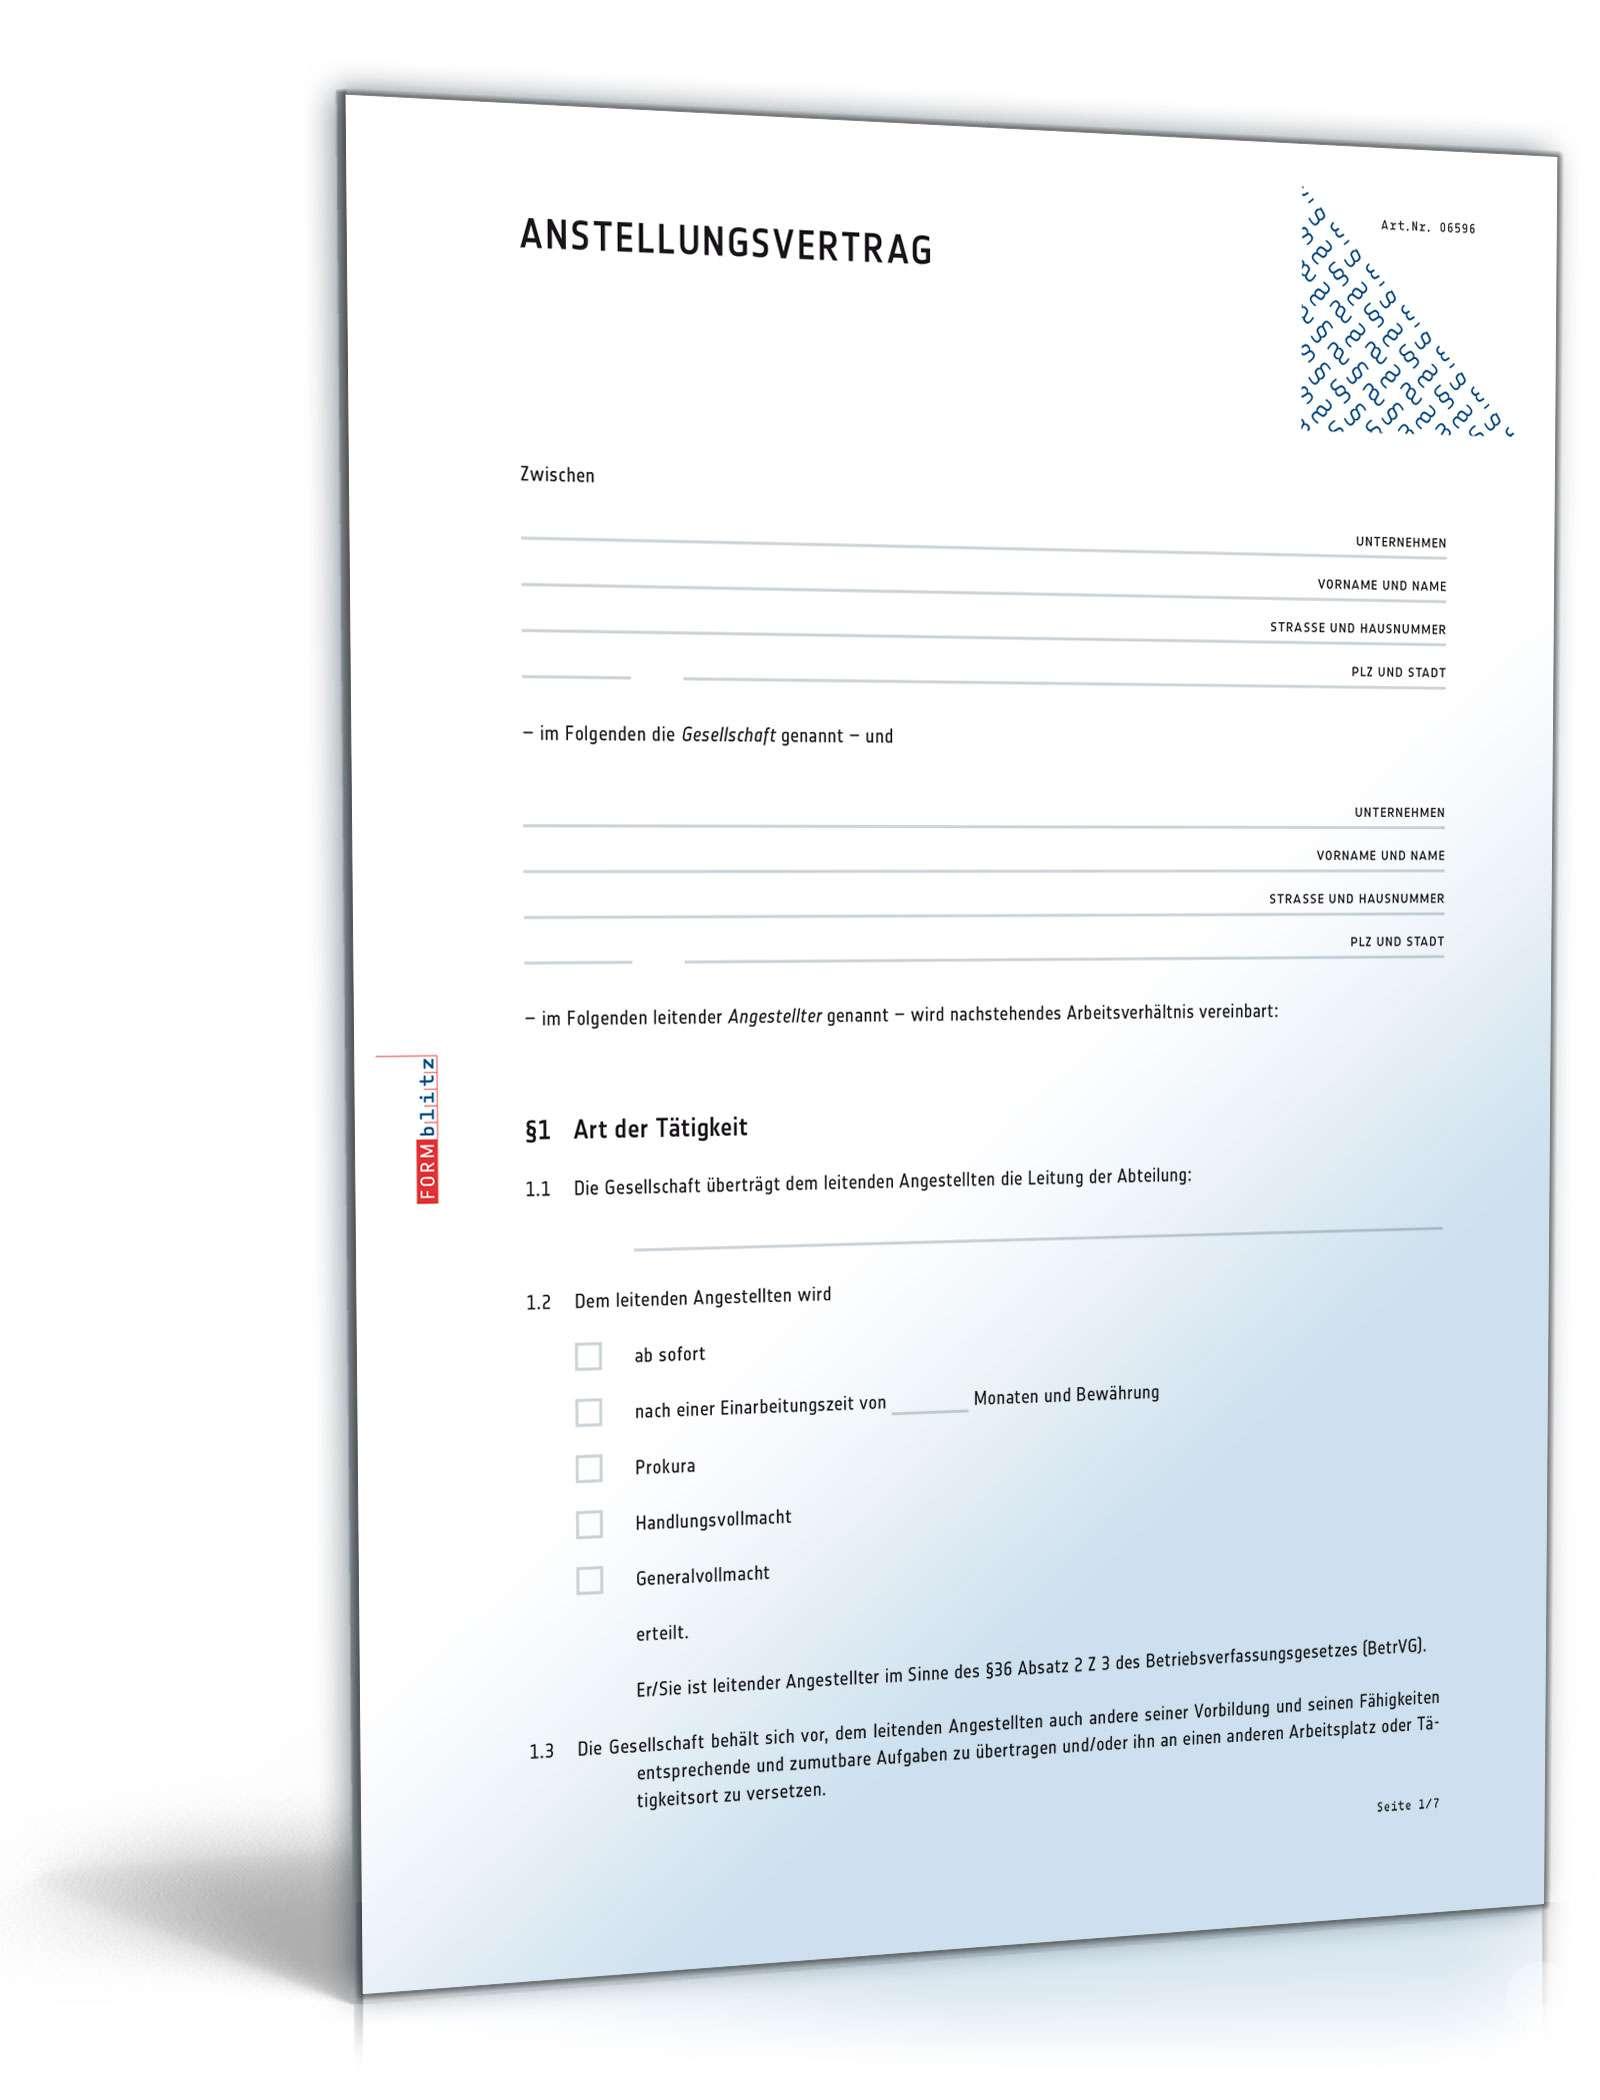 Anstellungsvertrag Für Leitende Angestellte Muster Vorlage Zum